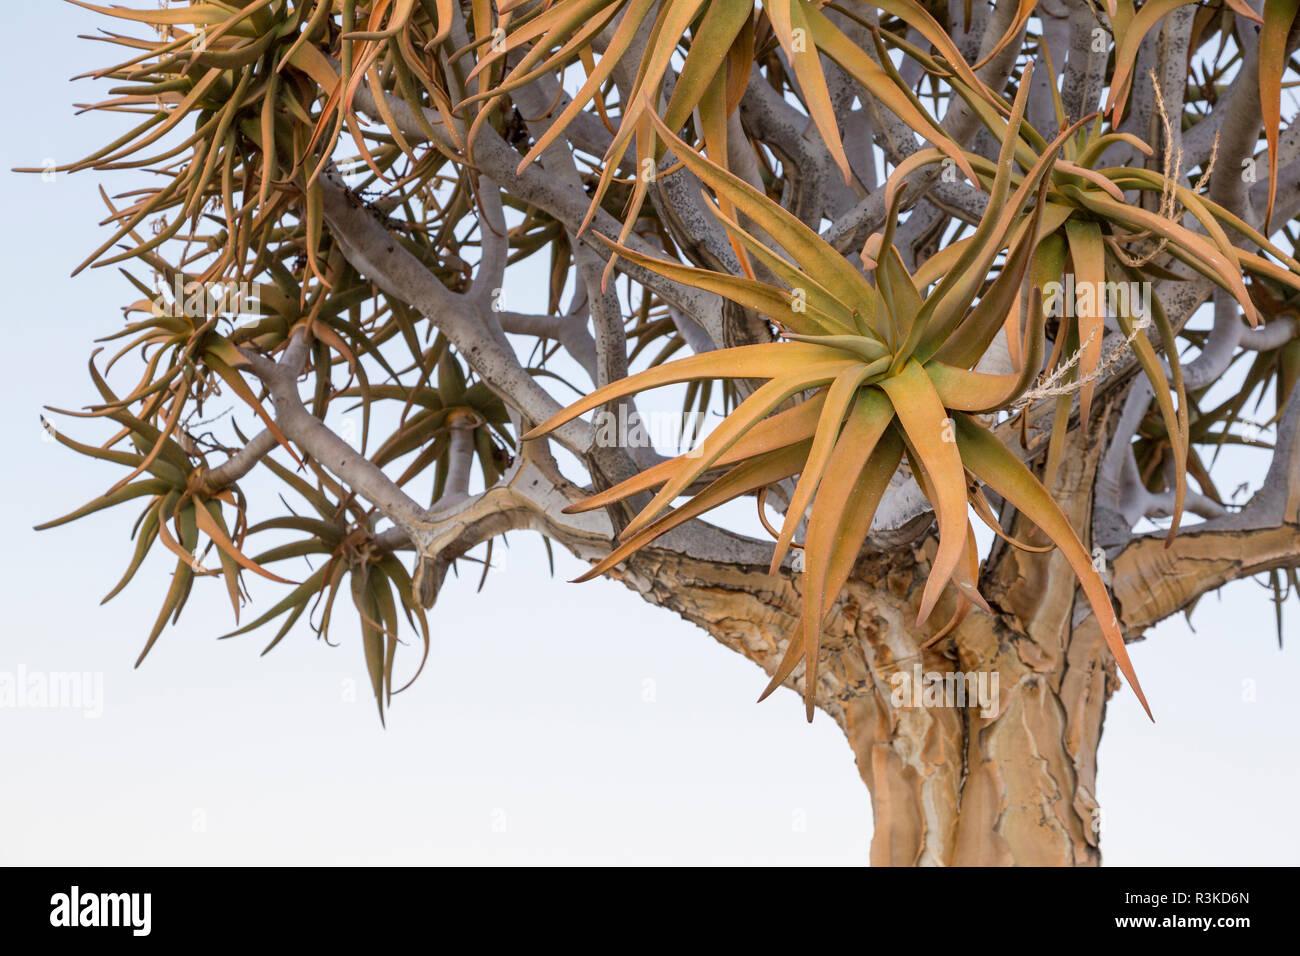 Africa, Namibia, Keetmanshoop. Quiver tree top. Credit as: Wendy Kaveney / Jaynes Gallery / DanitaDelimont.com Stock Photo